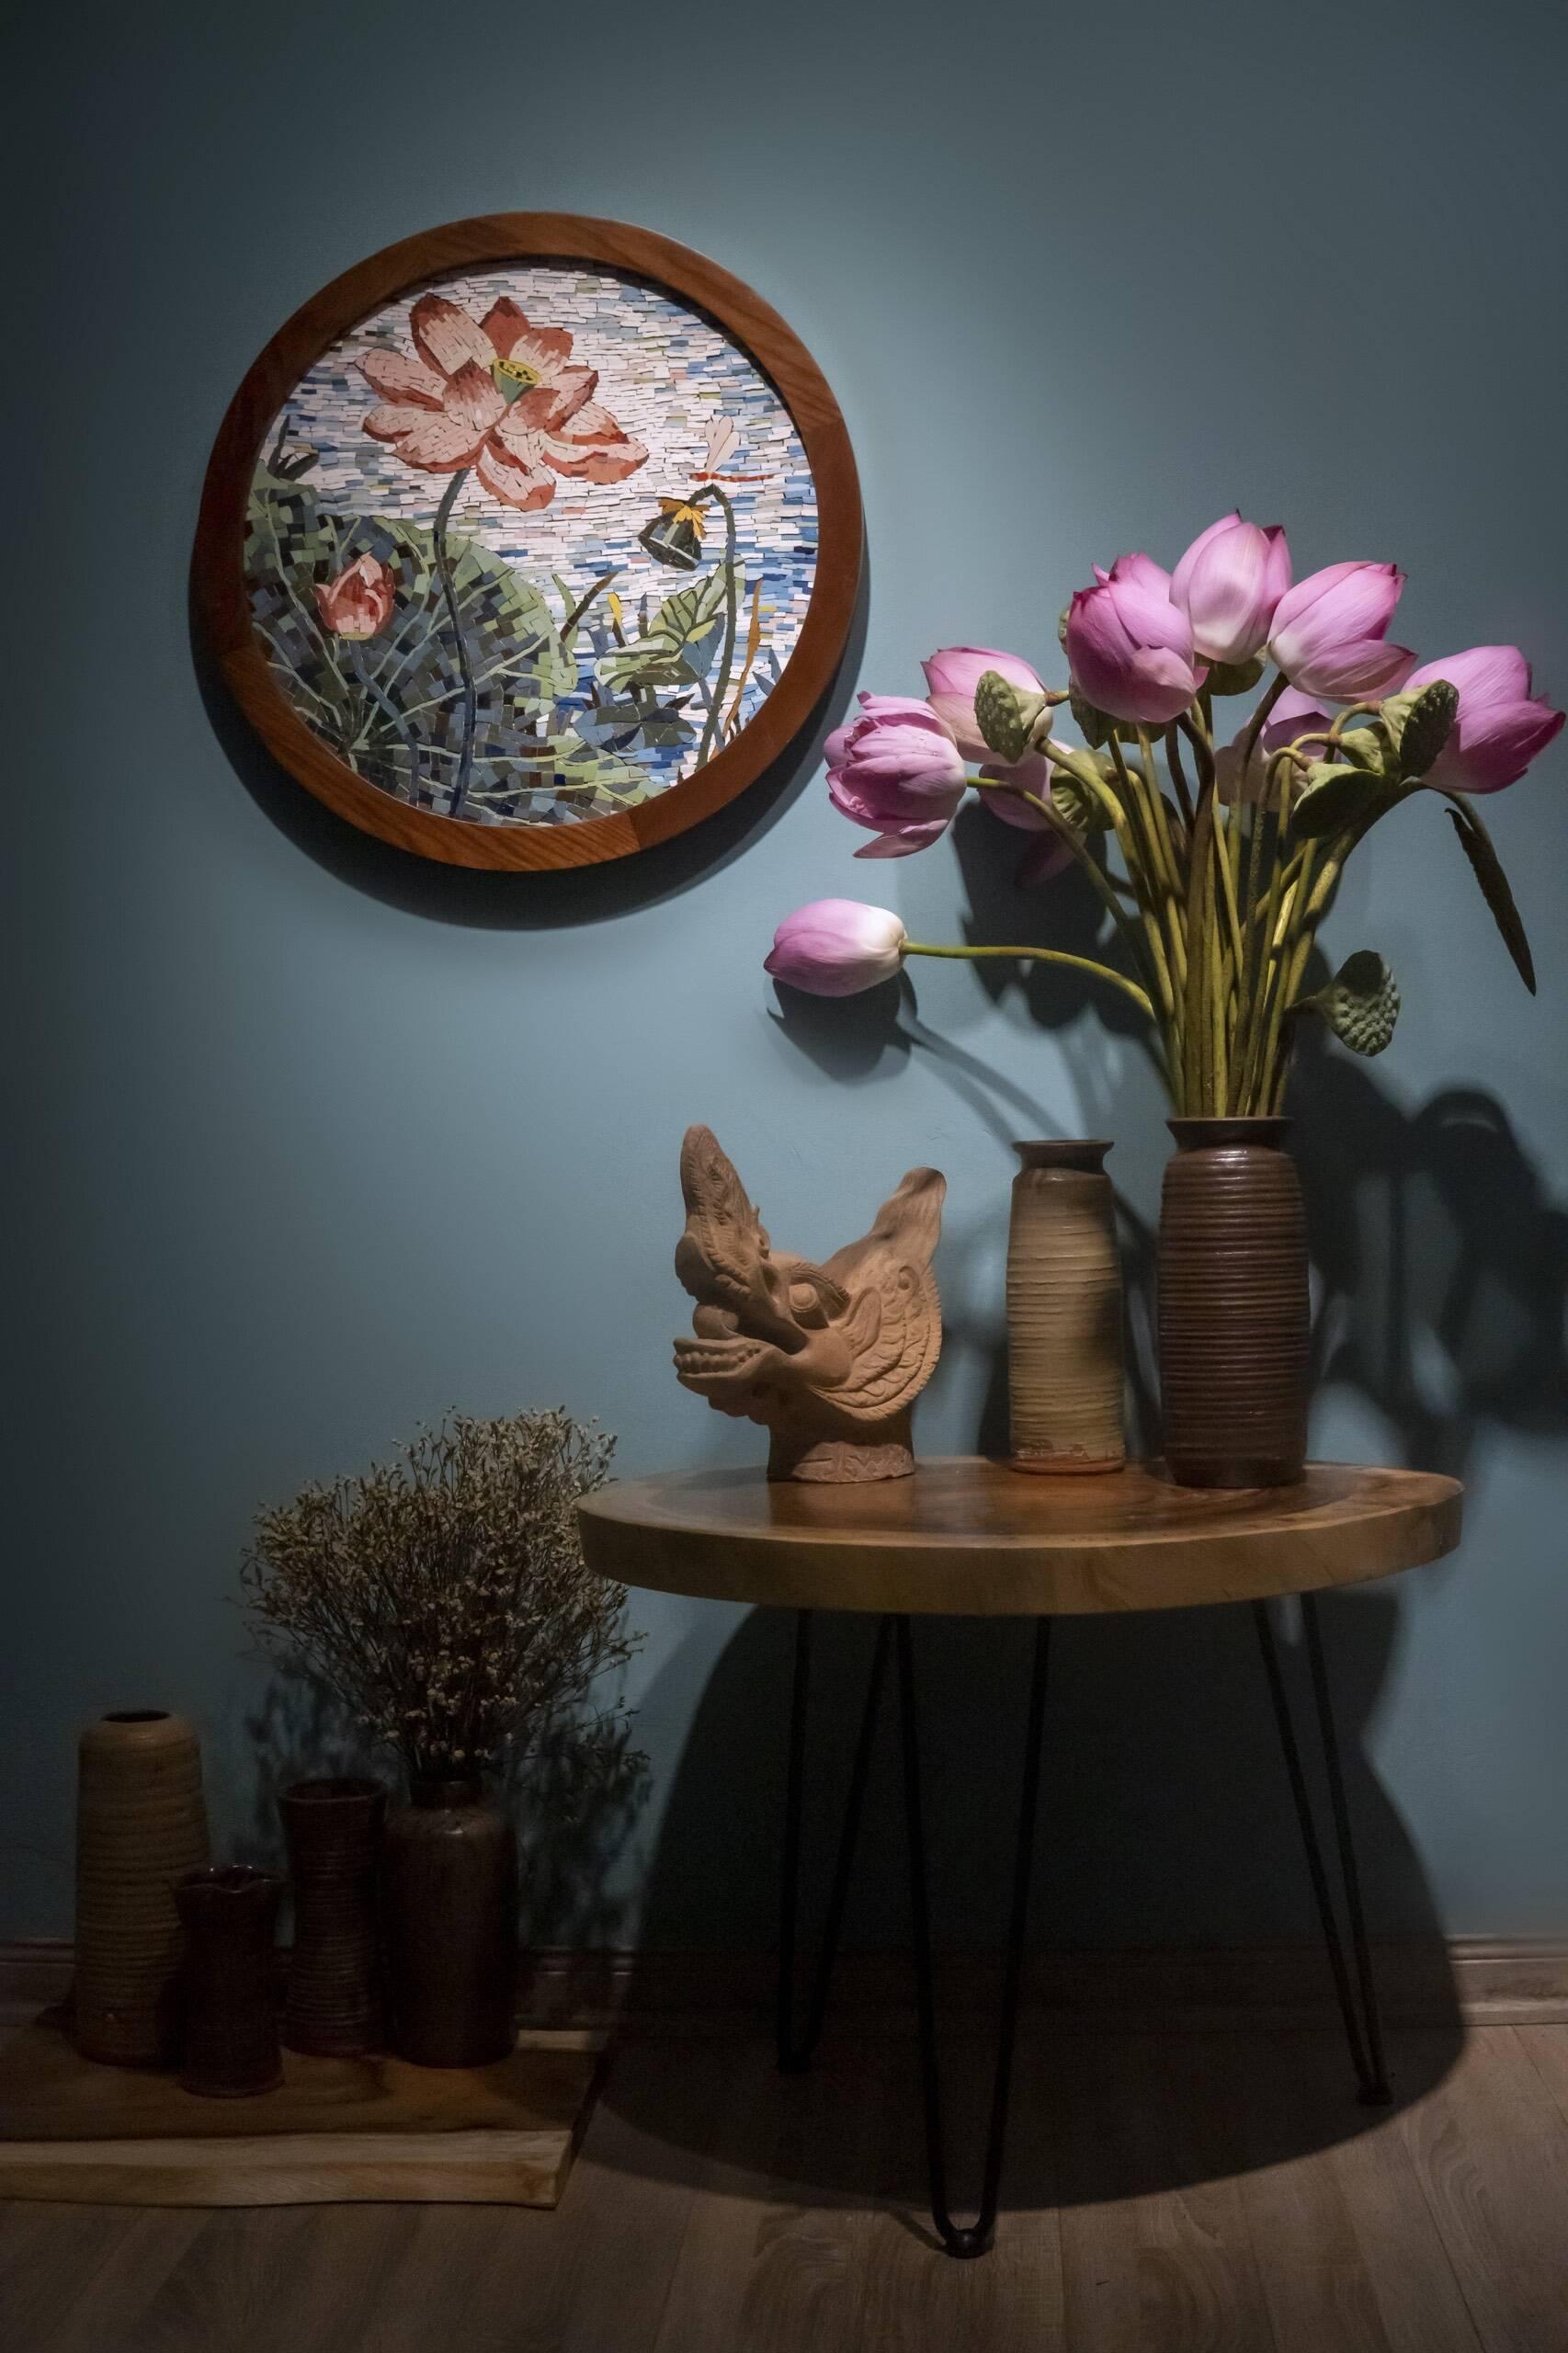 Bức tranh gốm hoa sen mang vẻ đẹp bình dị, gần gũi với văn hóa Việt Nam